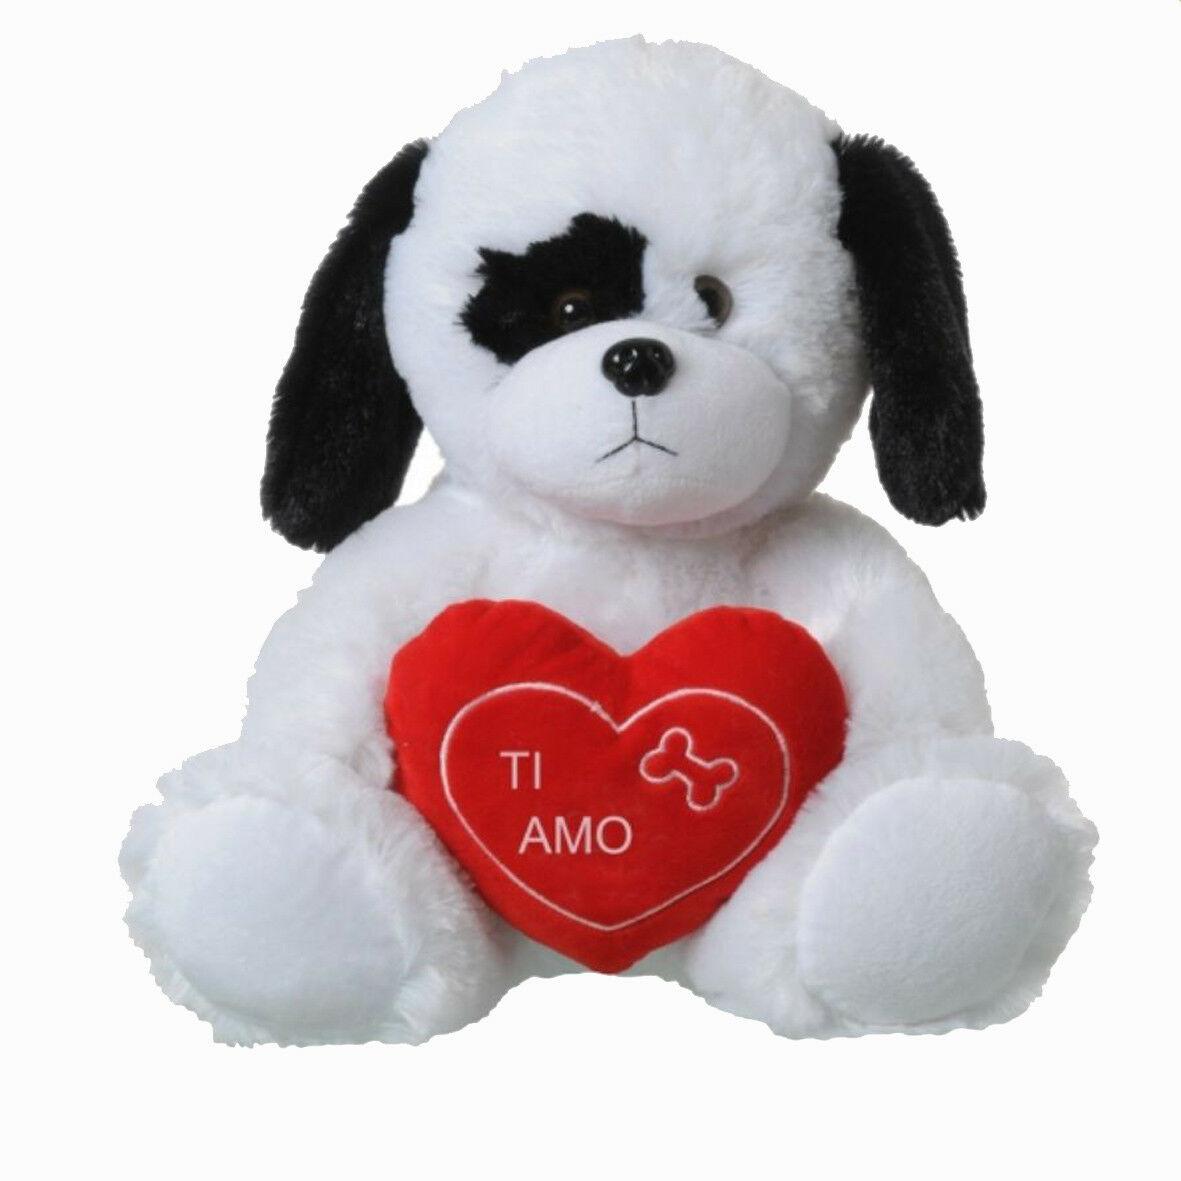 Peluche AMORE cane 30cm seduto con cuore ricamato I LOVE YOU SAN VALENTINO